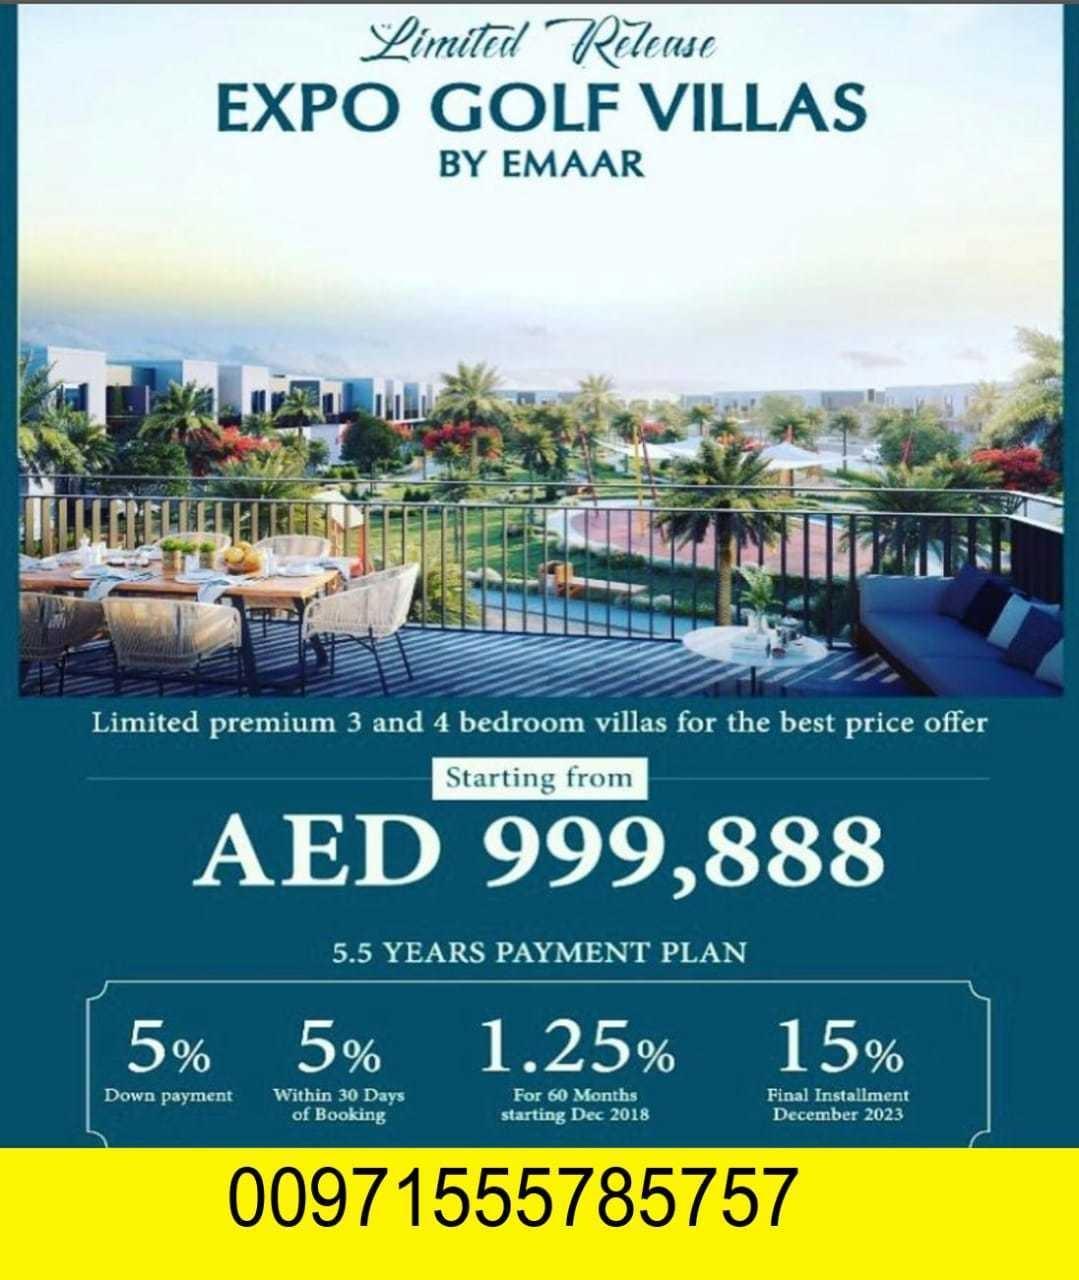 فيلا في دبي بسعر مميز جدا يبدأ السعر من 999,888 درهم فقط L